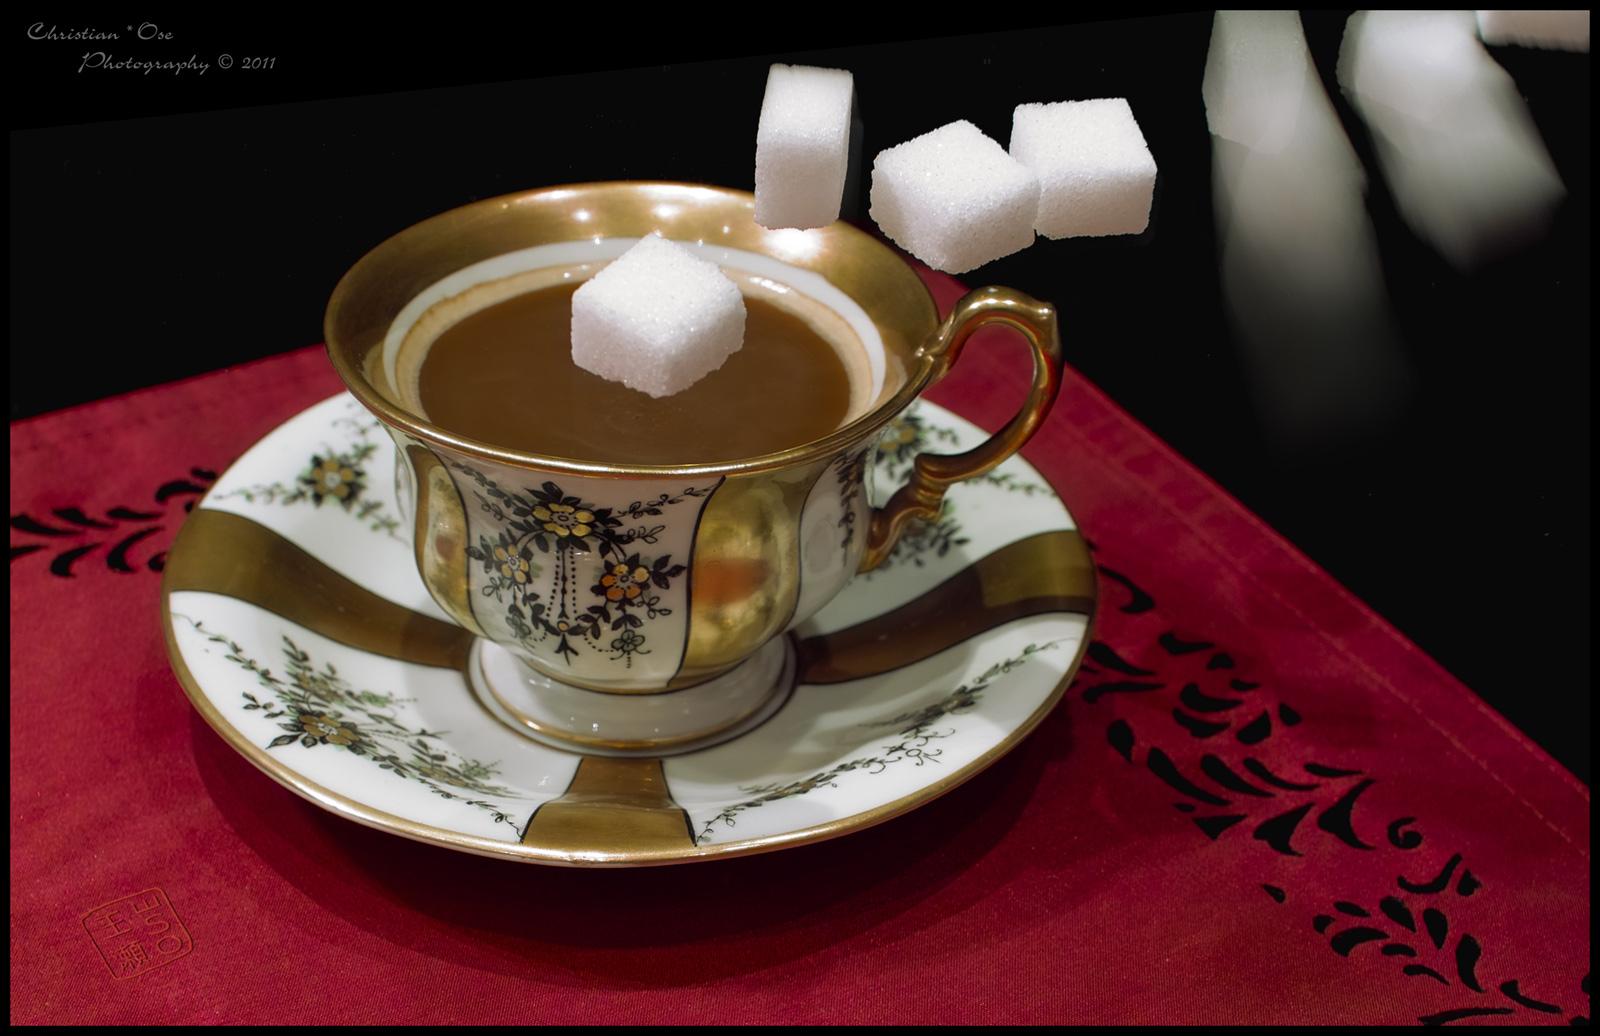 zucker im kaffee foto bild stillleben essen trinken tee und kaffee bilder auf. Black Bedroom Furniture Sets. Home Design Ideas